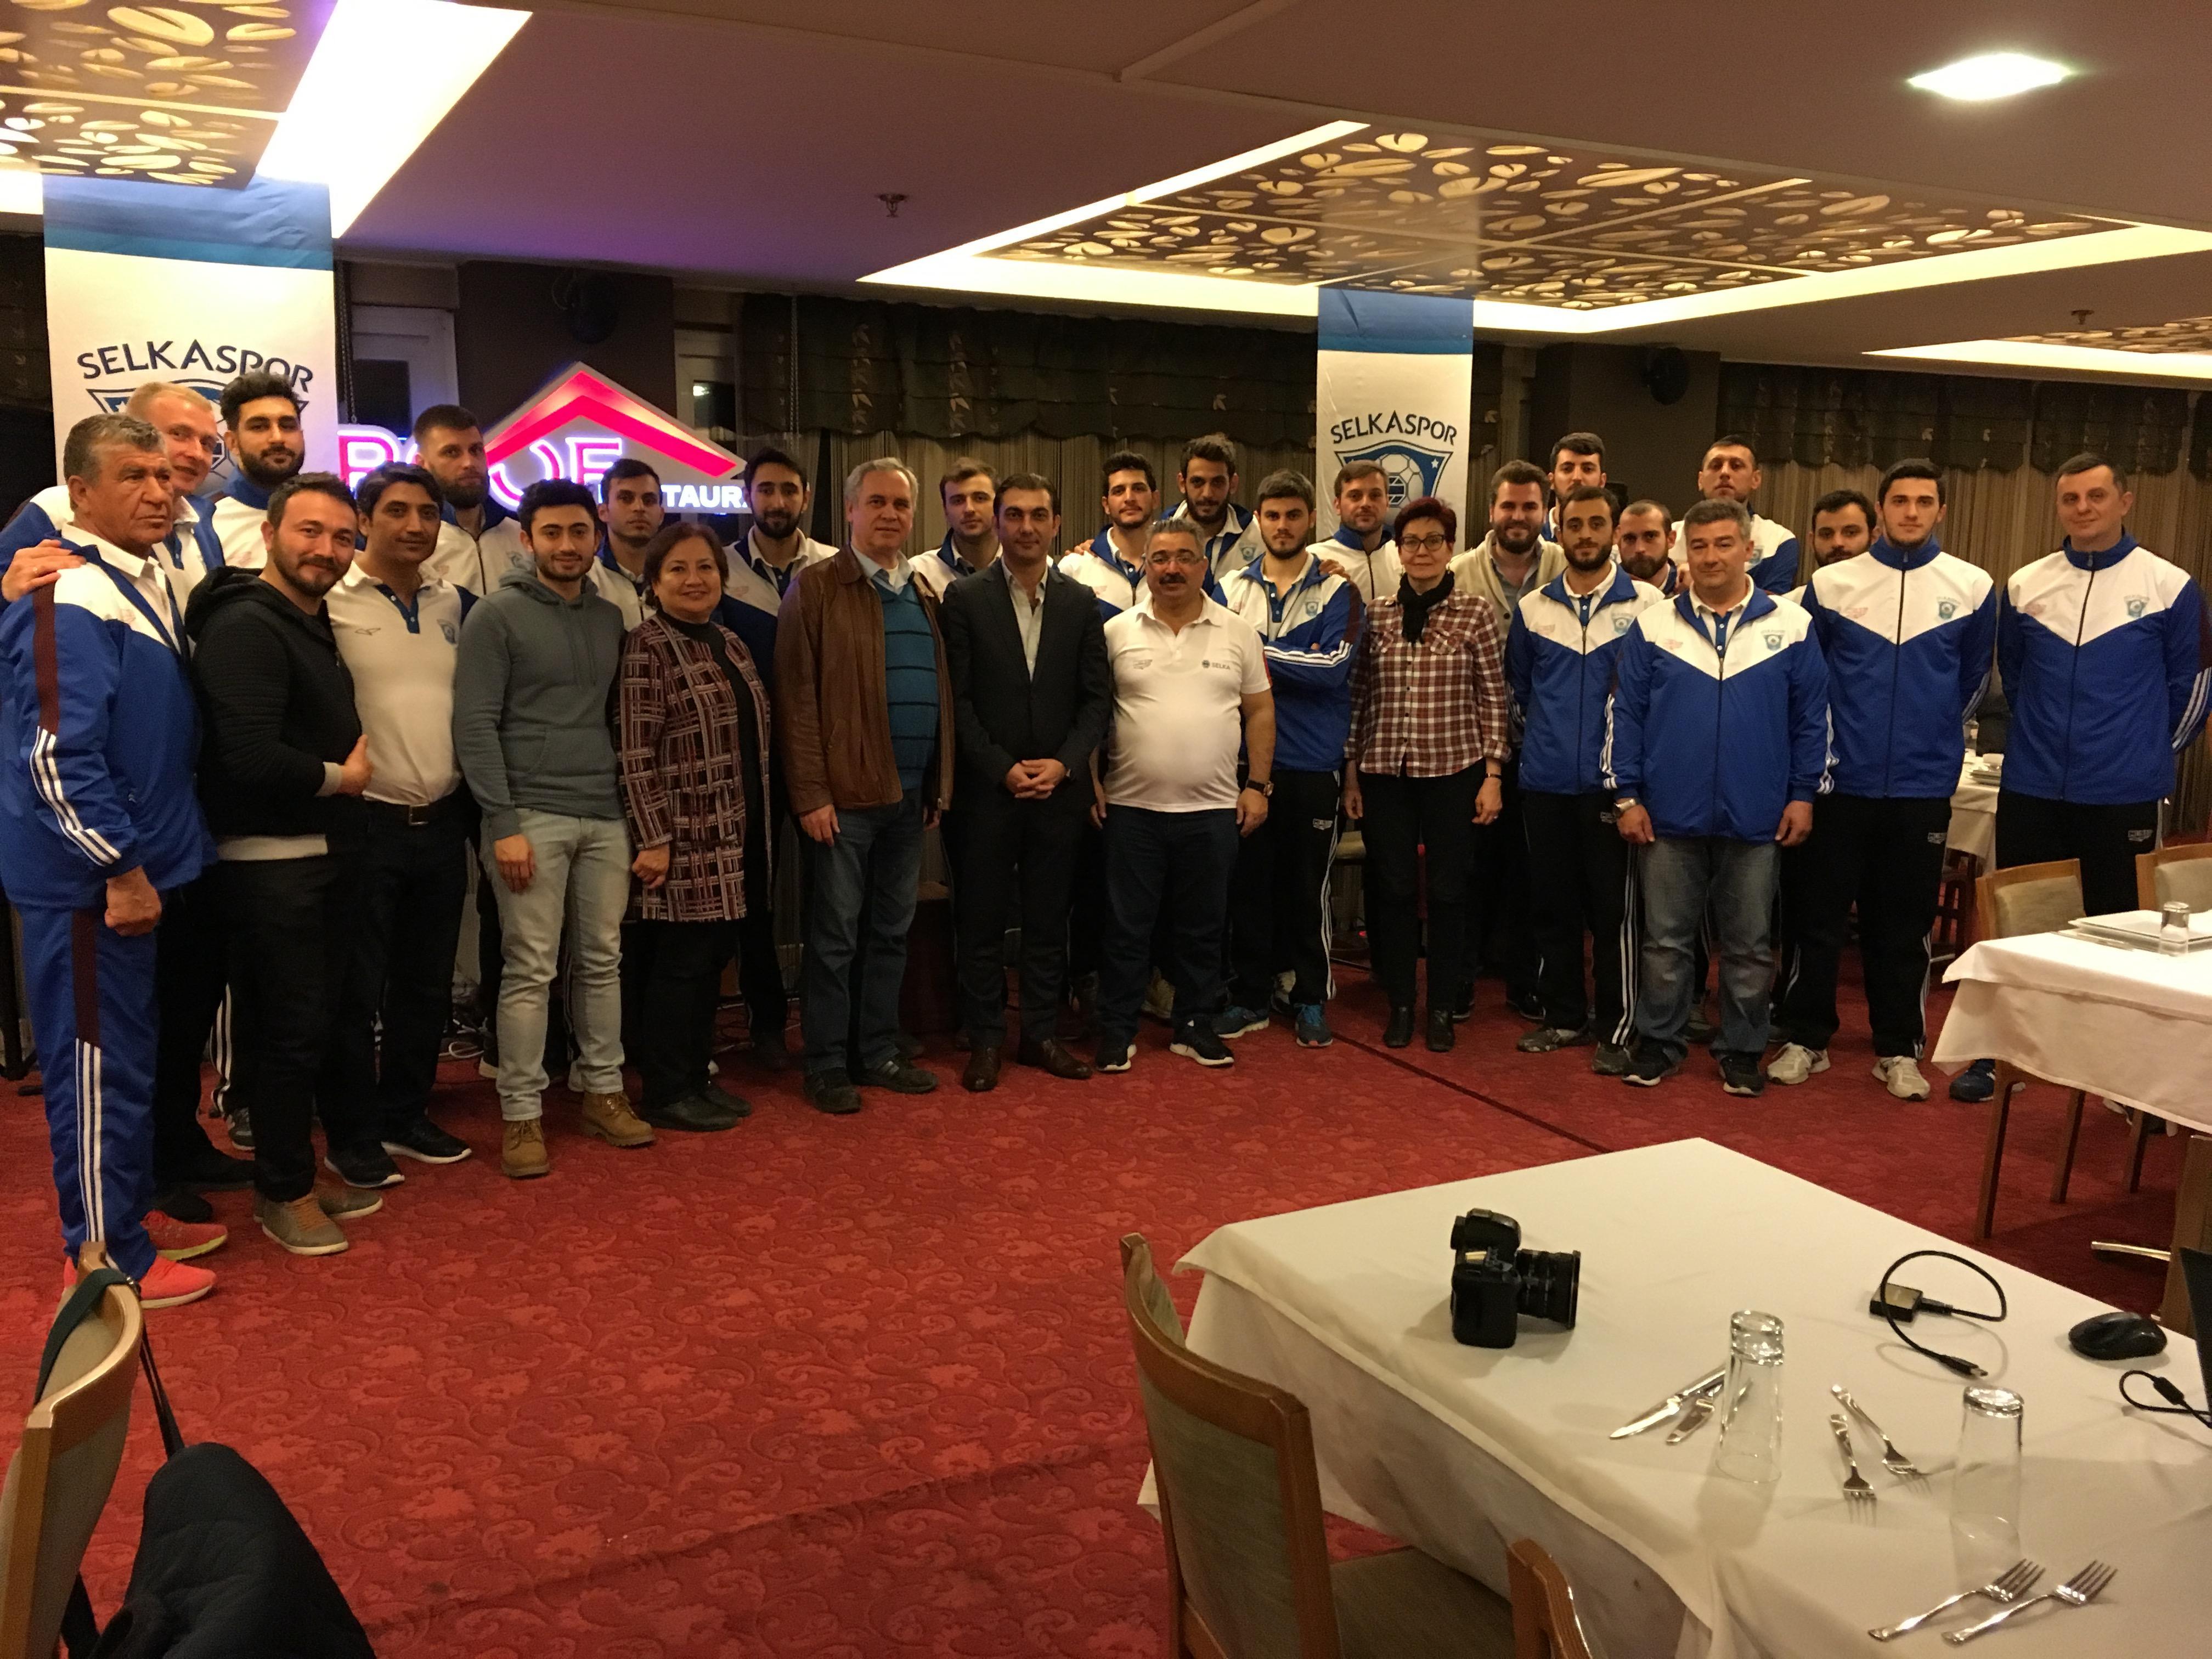 İnşaat Mühendisleri Odası'ndan Selkaspor'a Destek